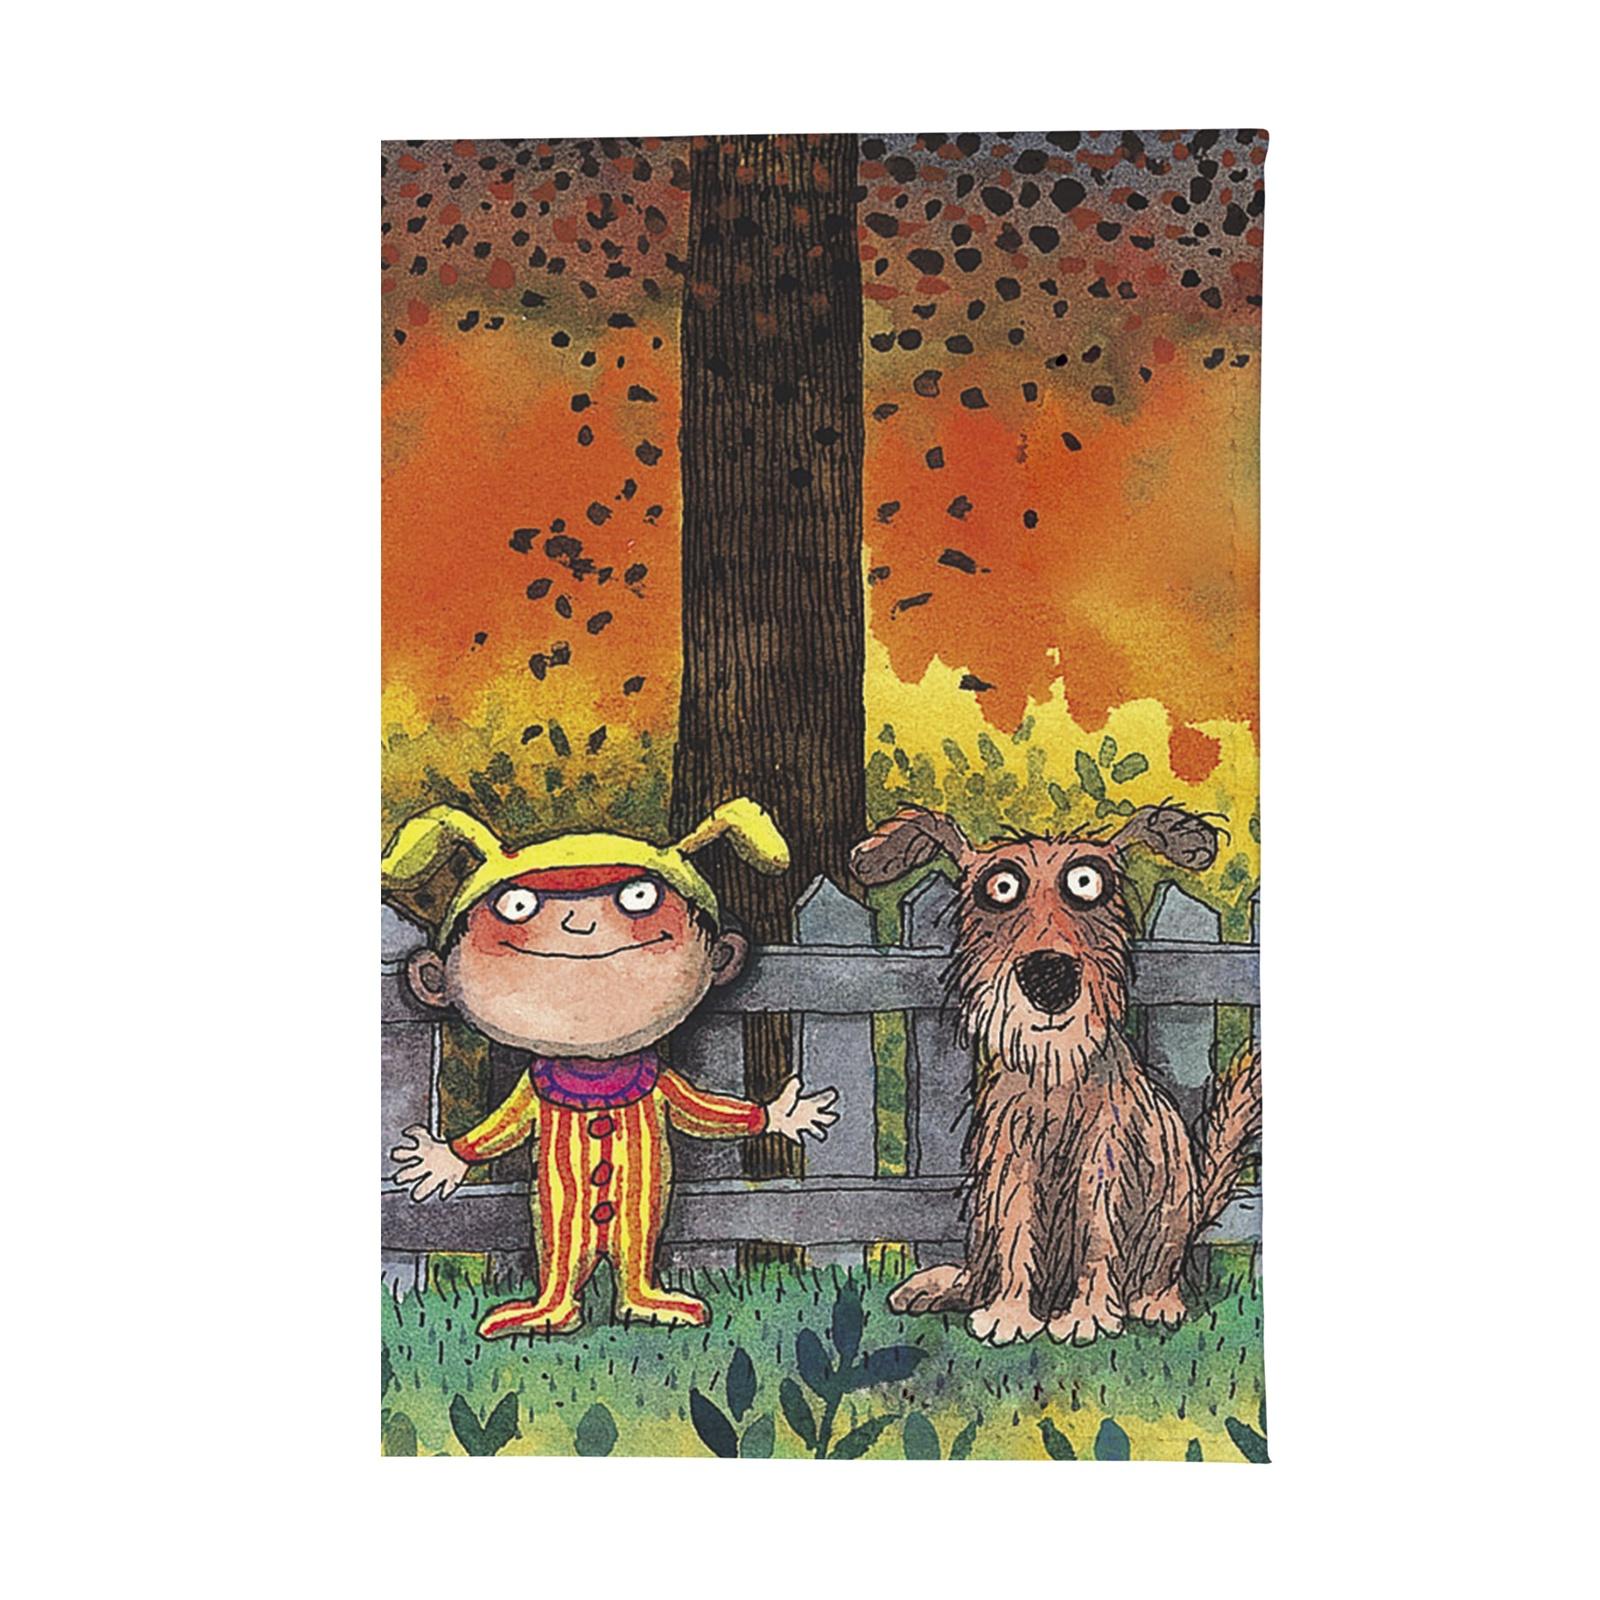 Визитница Mitya Veselkov Мальчик и пес, VIZIT-271, коричневый, оранжевый очки солнцезащитные женские mitya veselkov цвет коричневый os 18 037